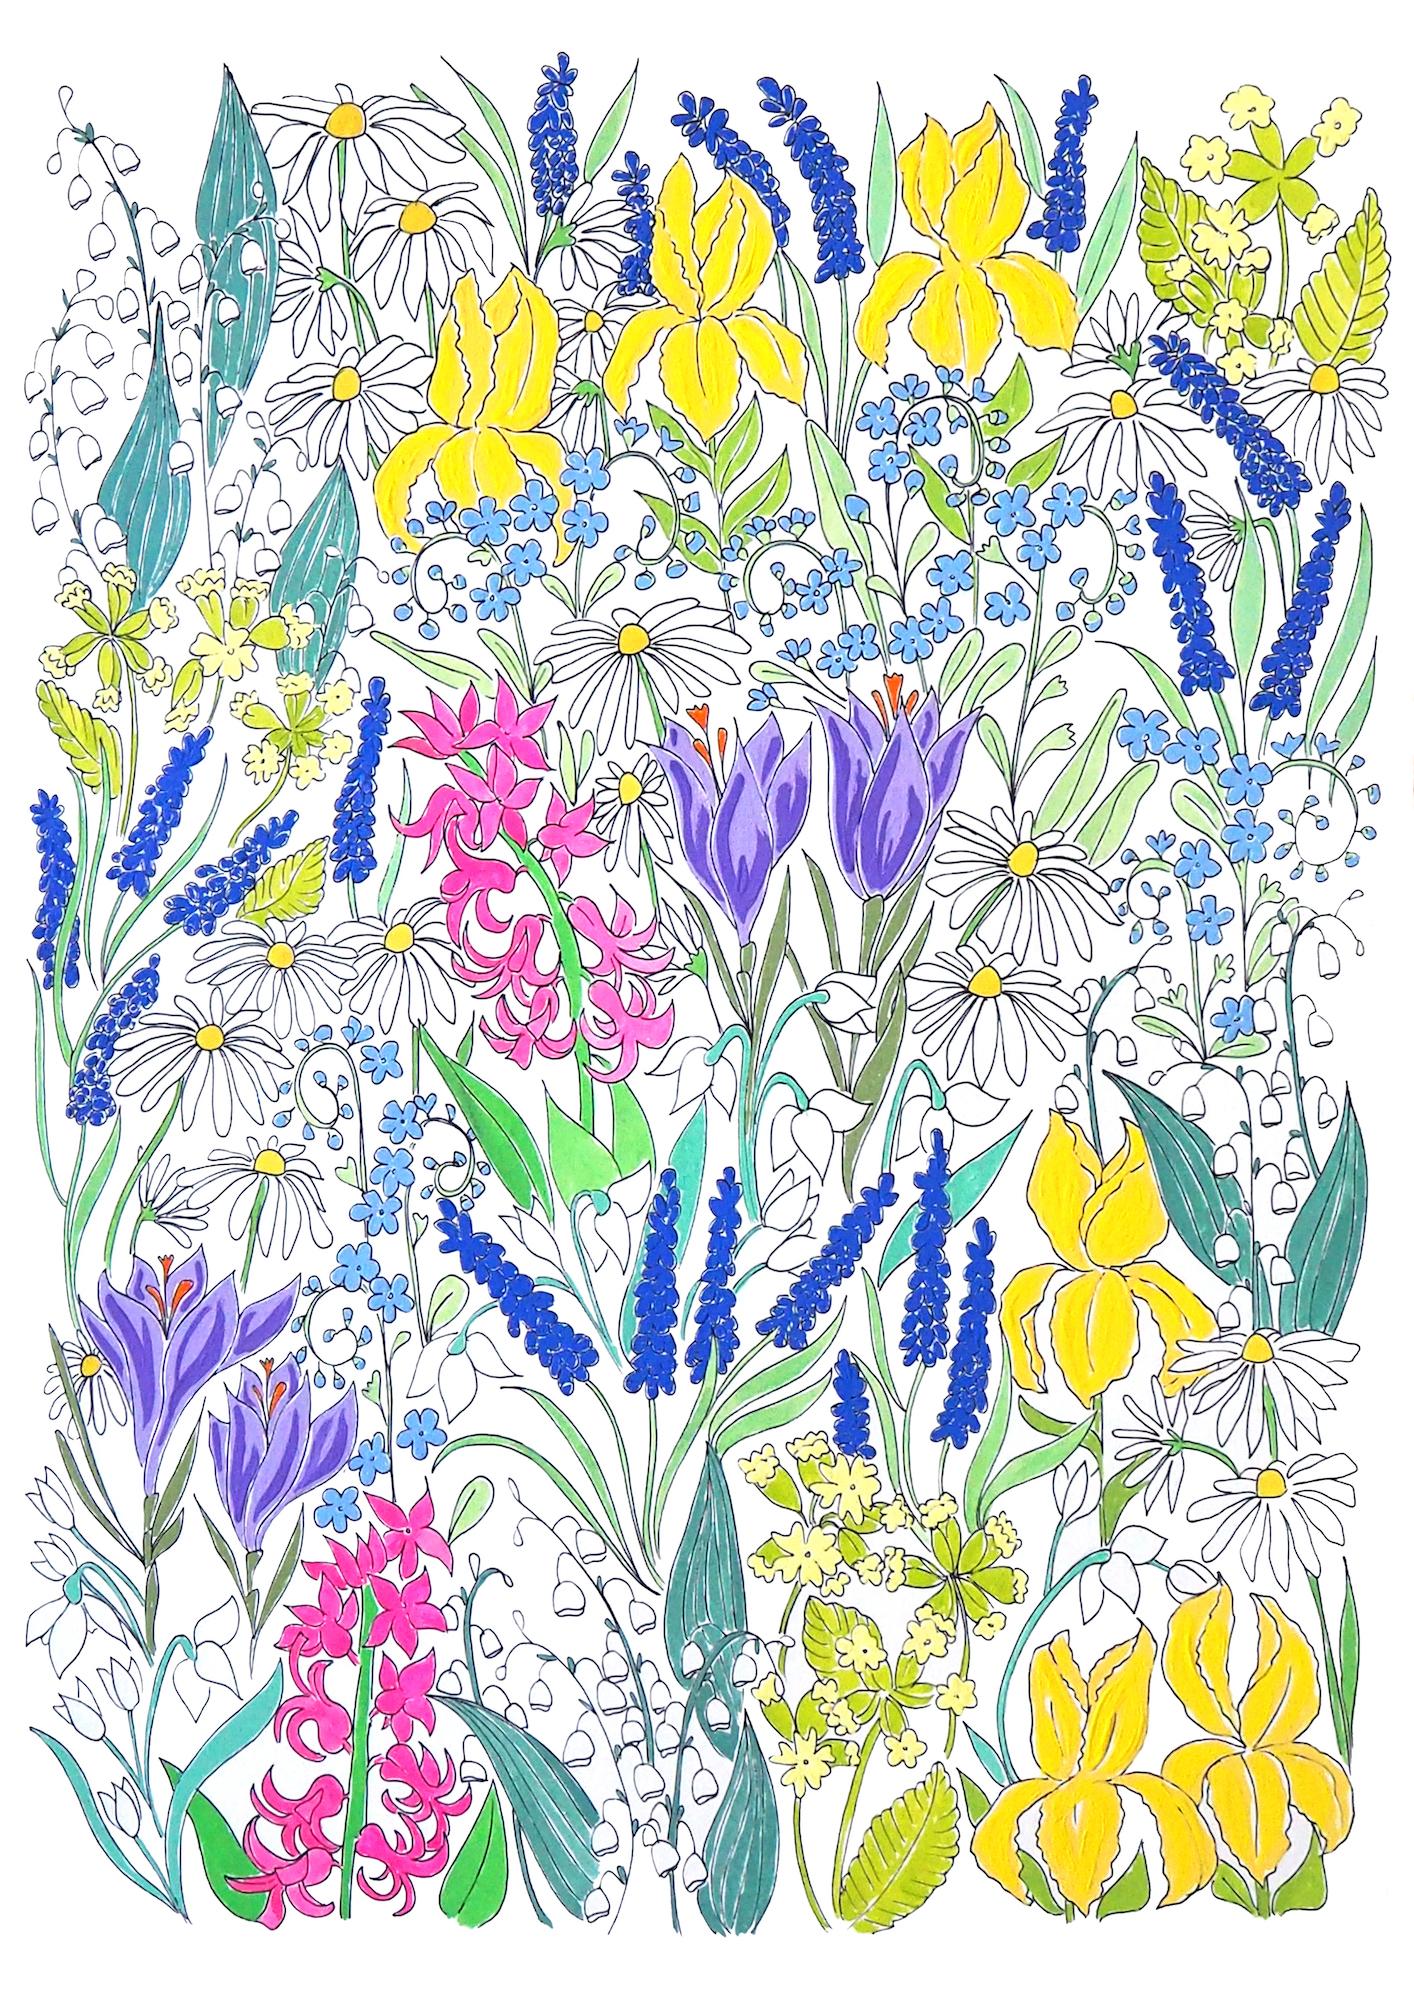 Spring flowers final.jpg